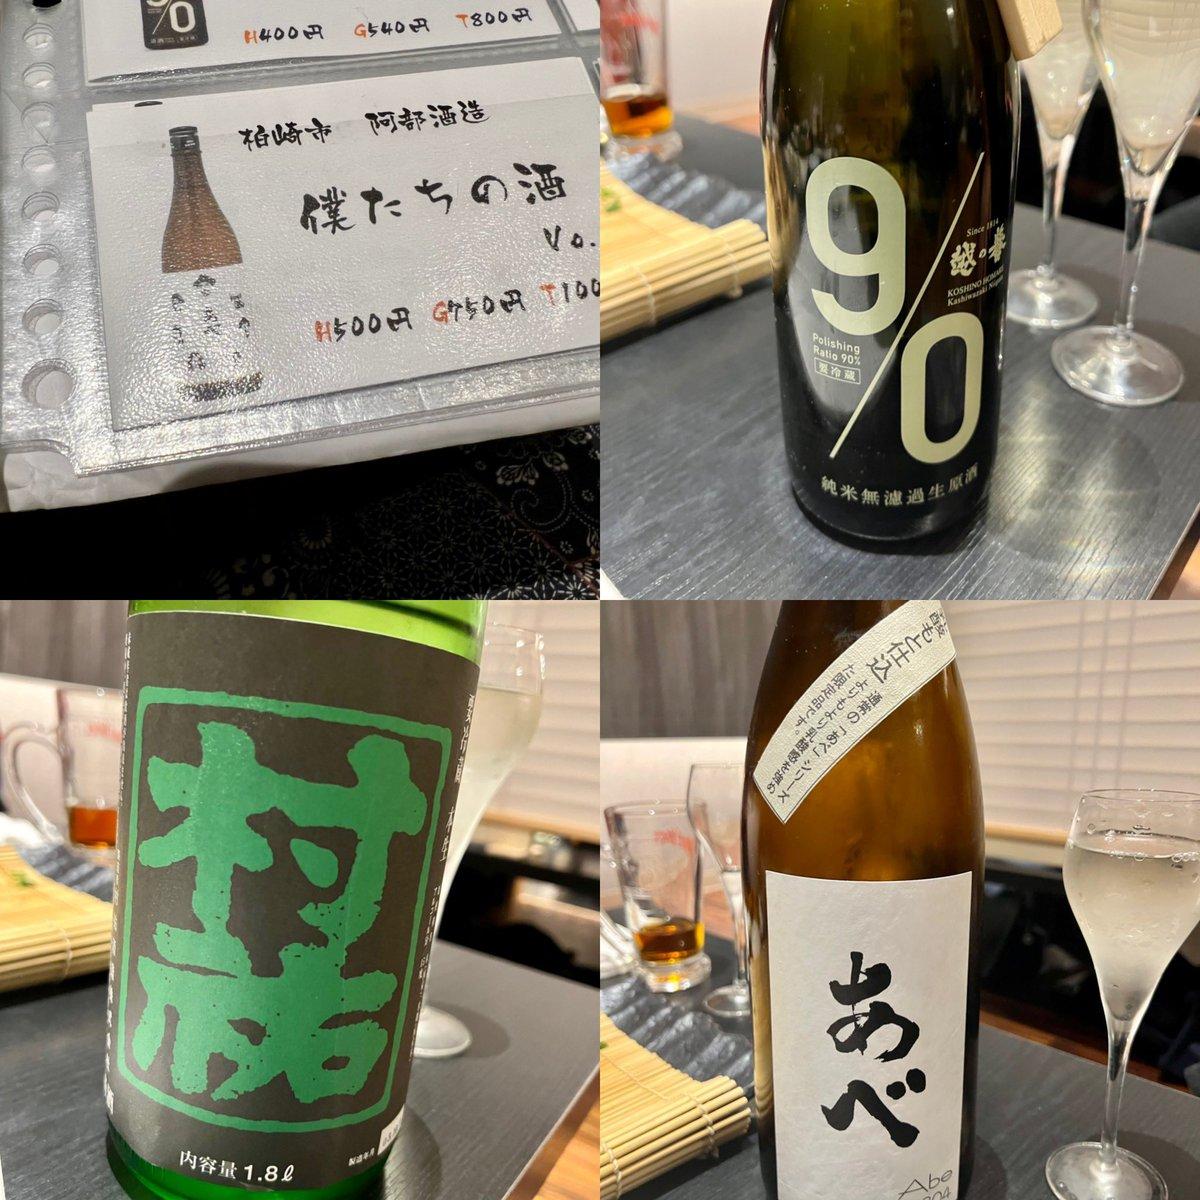 test ツイッターメディア - とある有名焼鳥さんにて阿部酒造さんの日本酒メインで飲ませて頂きました。 焼鳥は芯に火がきちんと通っていていい塩梅の塩加減が日本酒に合っていて他にもめっちゃ飲みの食べで楽しいお時間でした。 https://t.co/KuCmTbUV8B